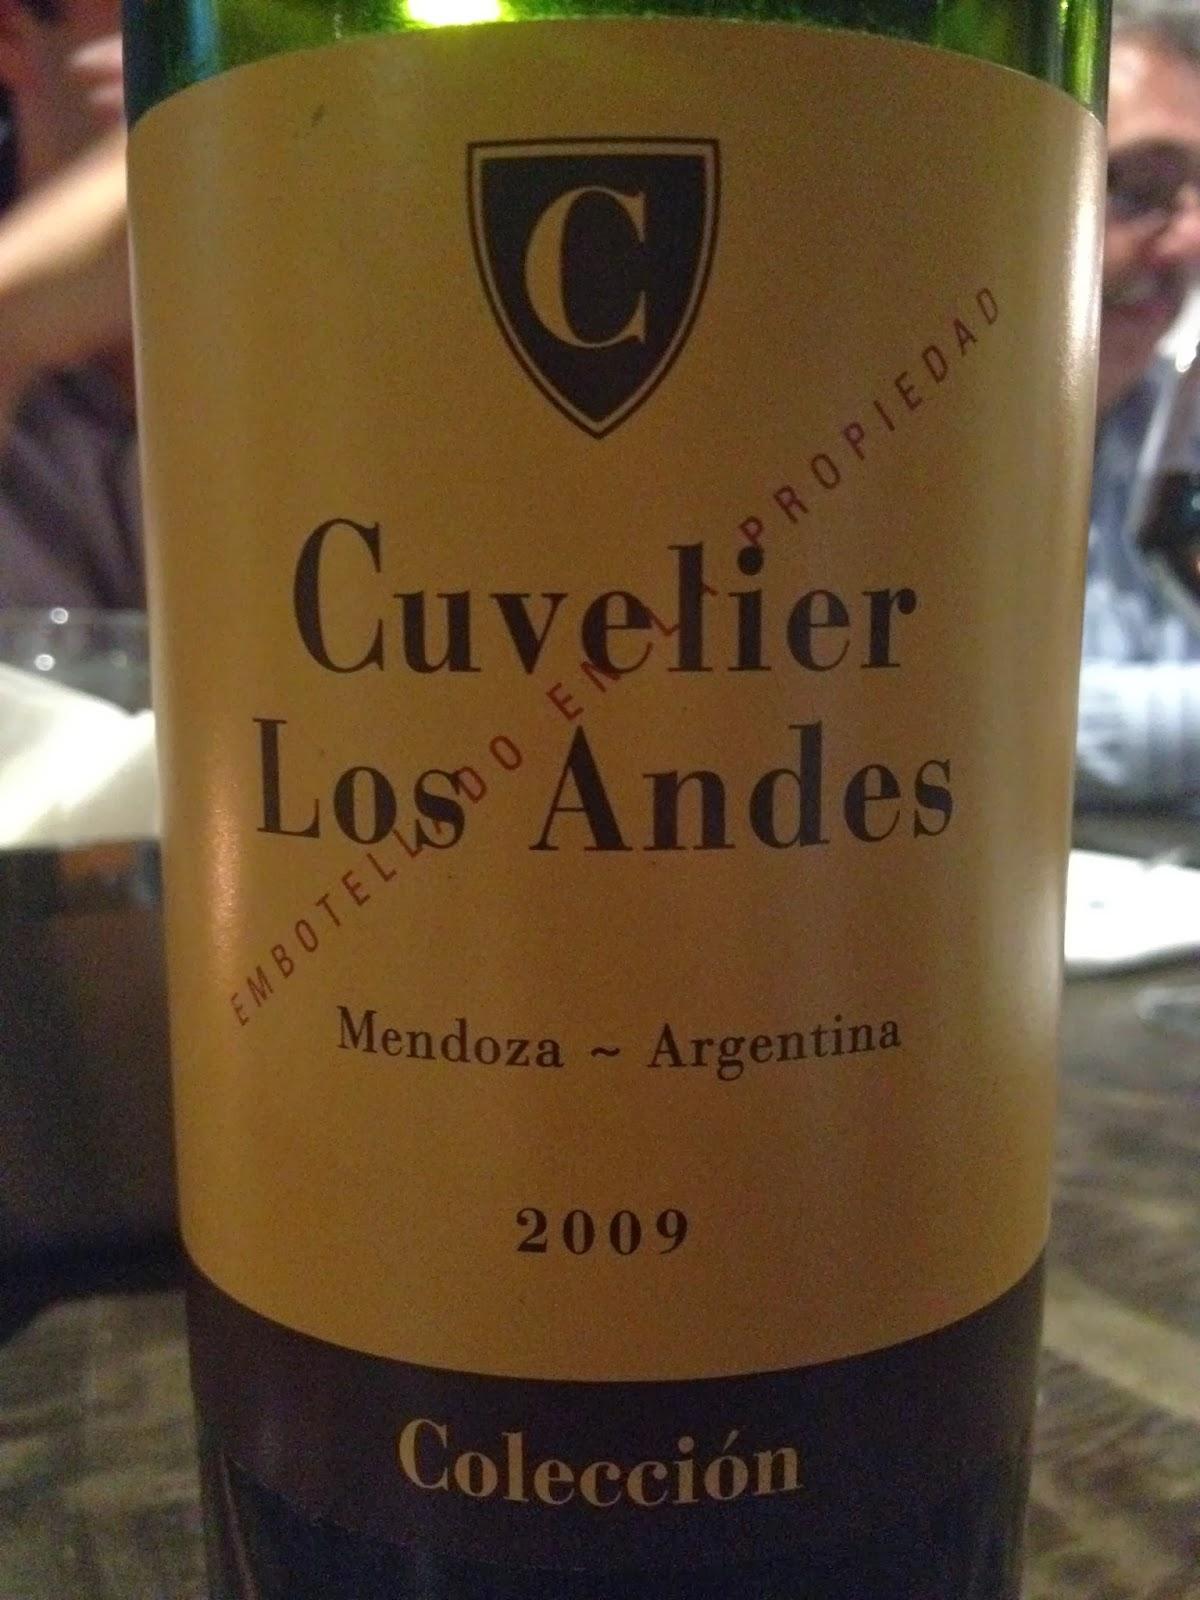 库维利安第斯马尔贝克收藏干红Cuvelier Los Andes Coleccion Malbec